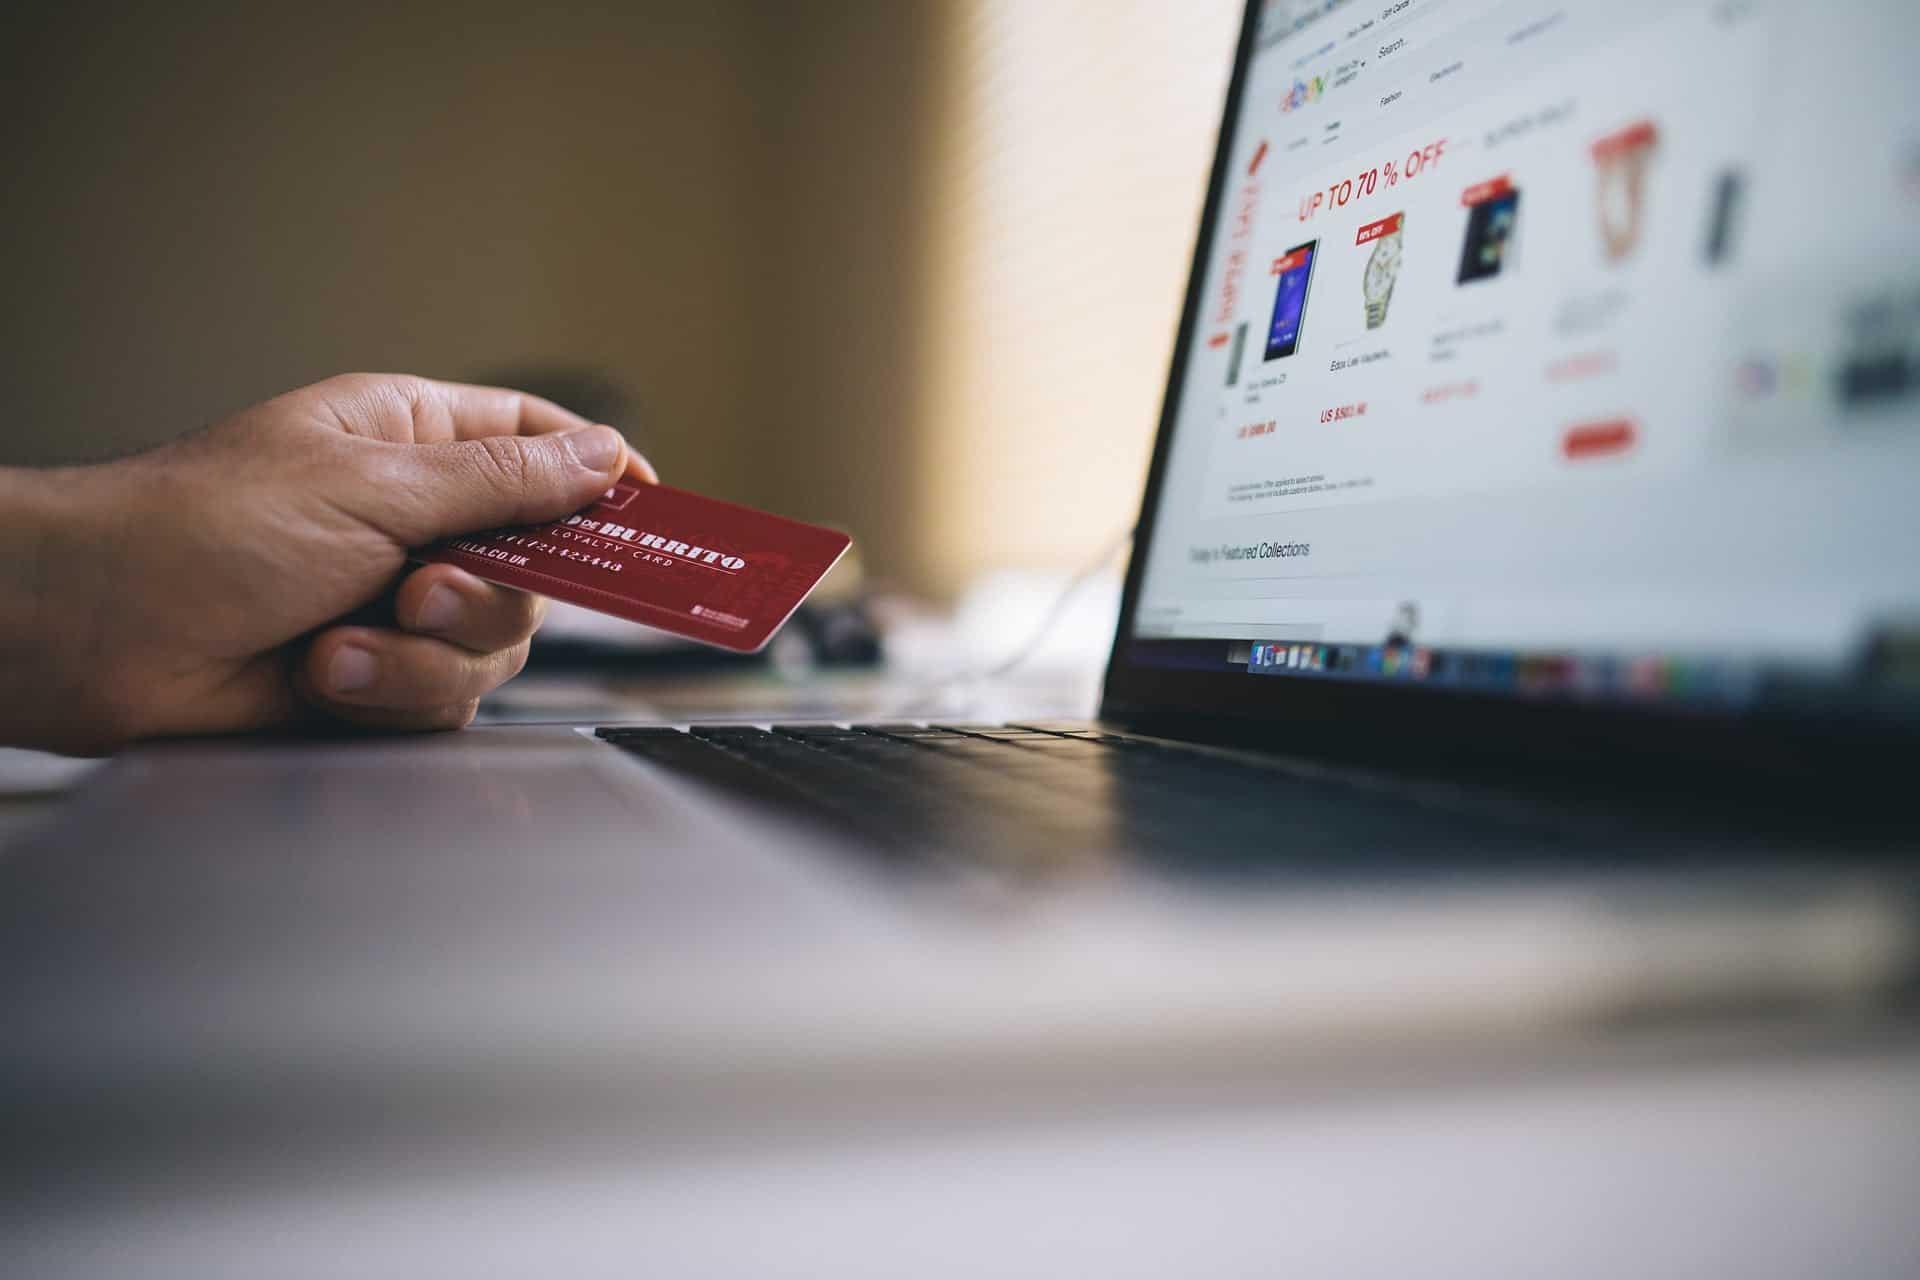 Verkkokaupan perustaminen